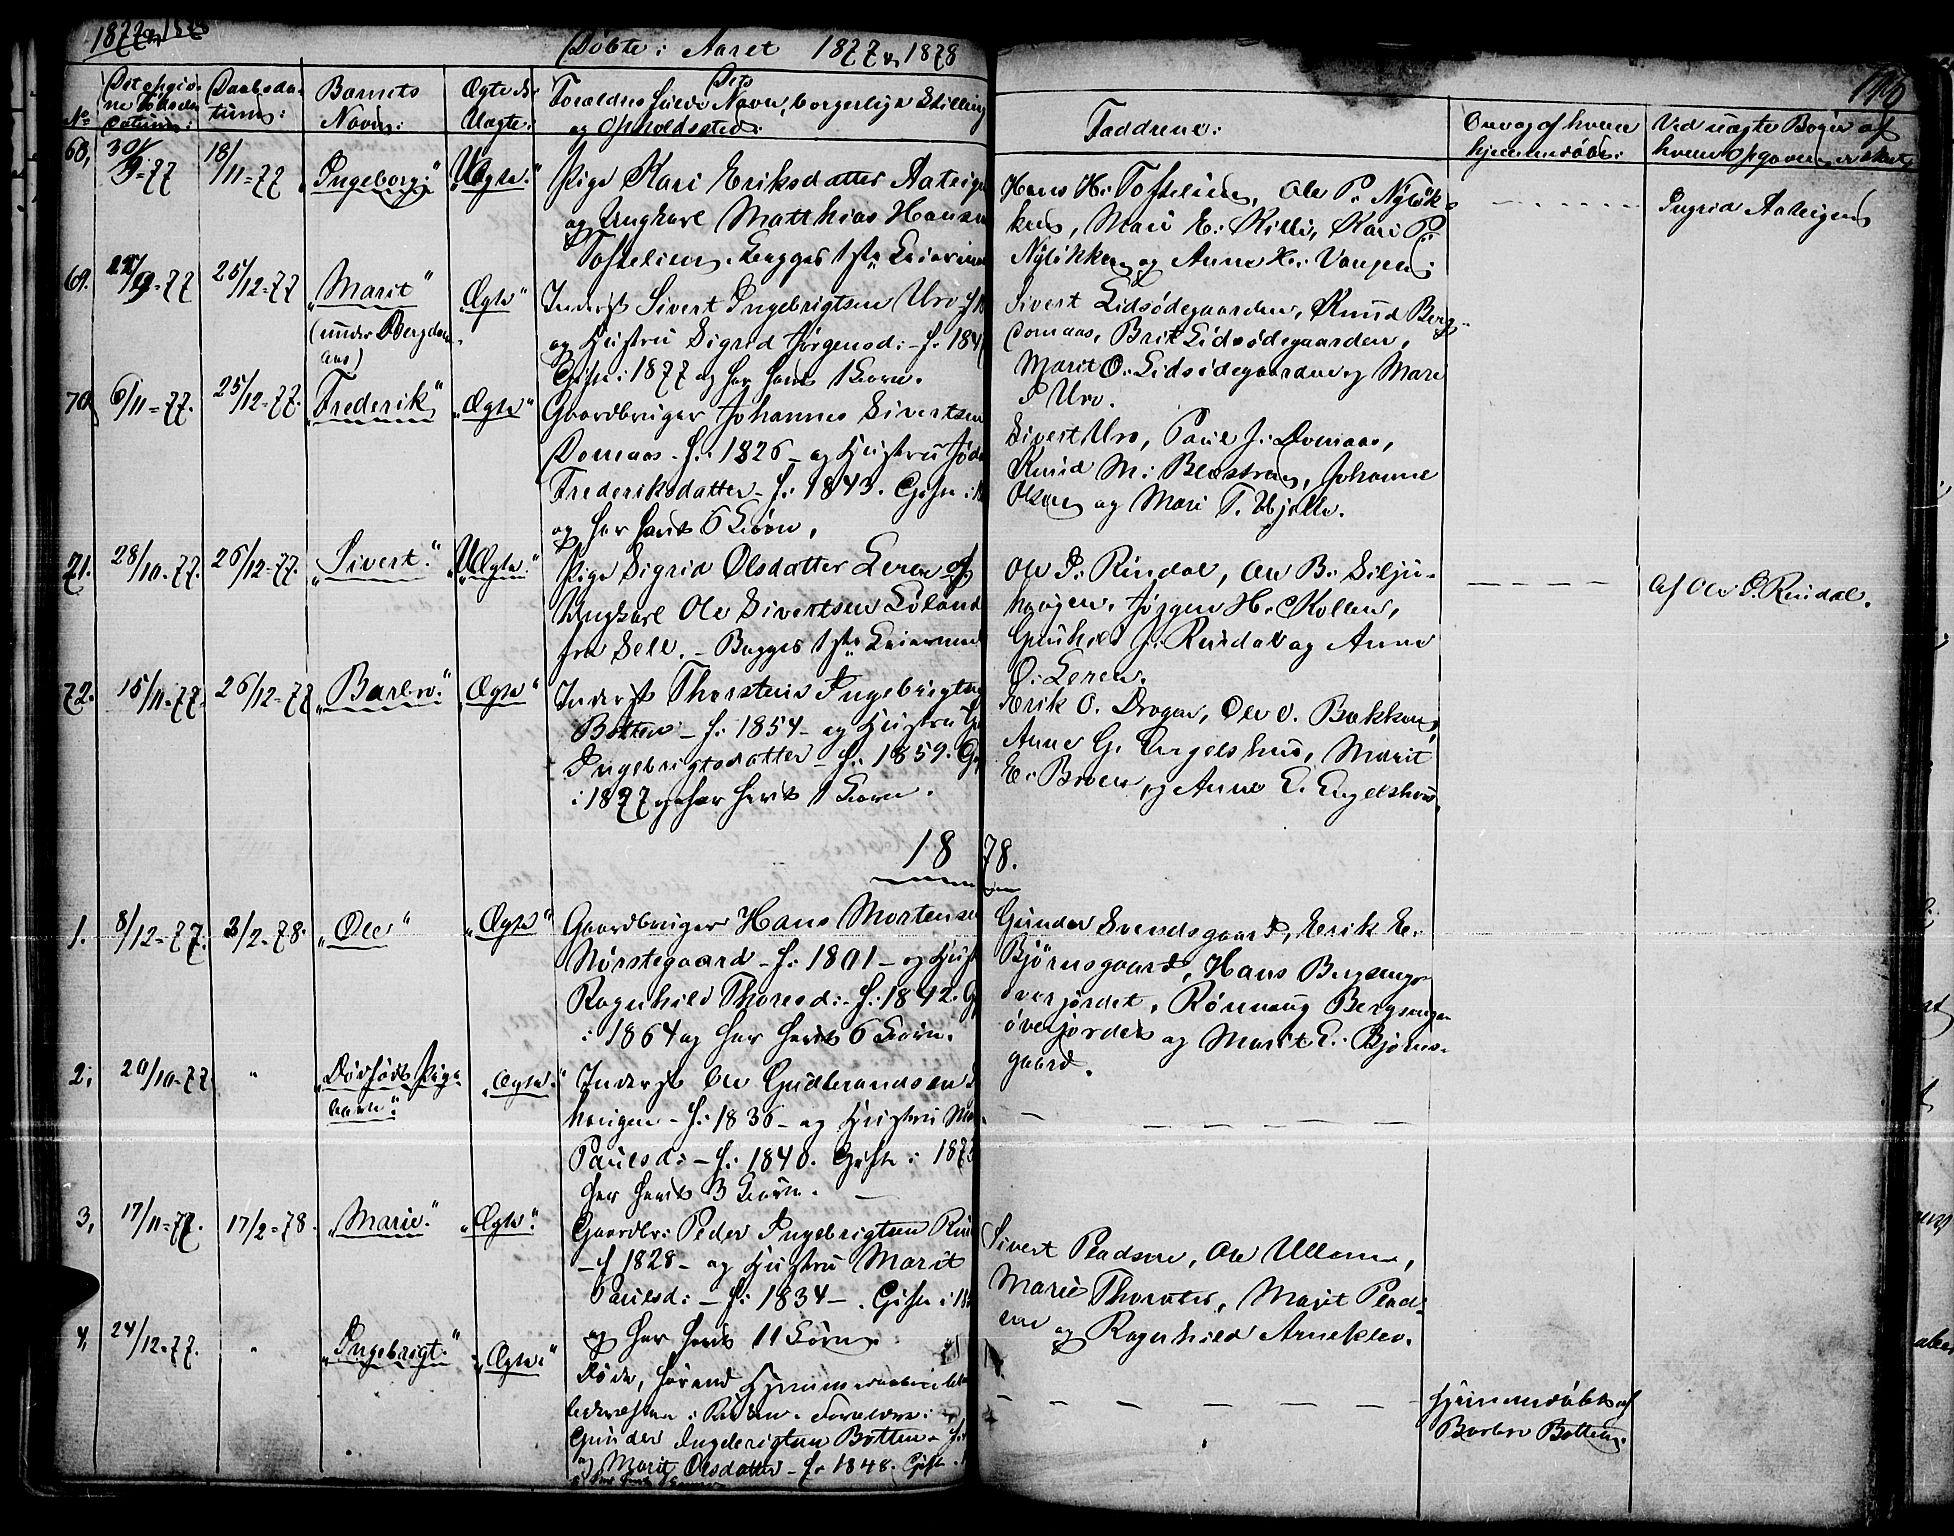 SAH, Dovre prestekontor, Klokkerbok nr. 1, 1862-1880, s. 110